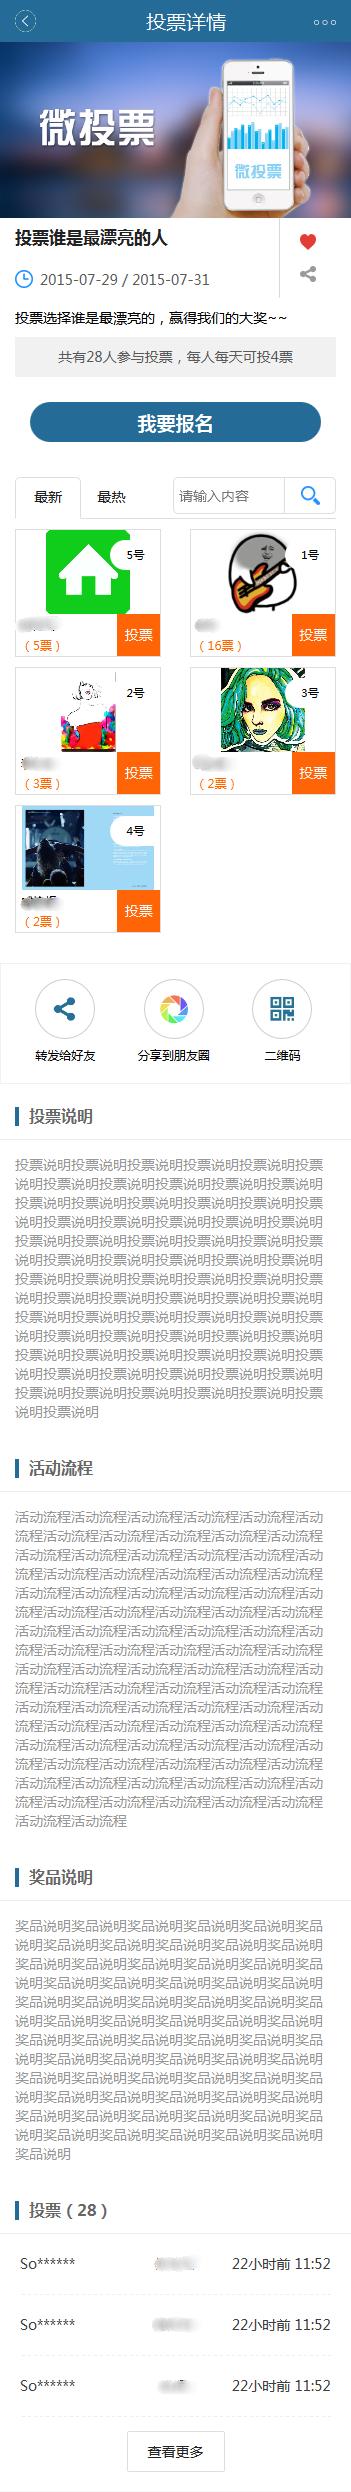 说明: C:\Users\Administrator\AppData\Roaming\Tencent\QQ\Temp\5C726EE97A7943A89B221D621CACAD85.png